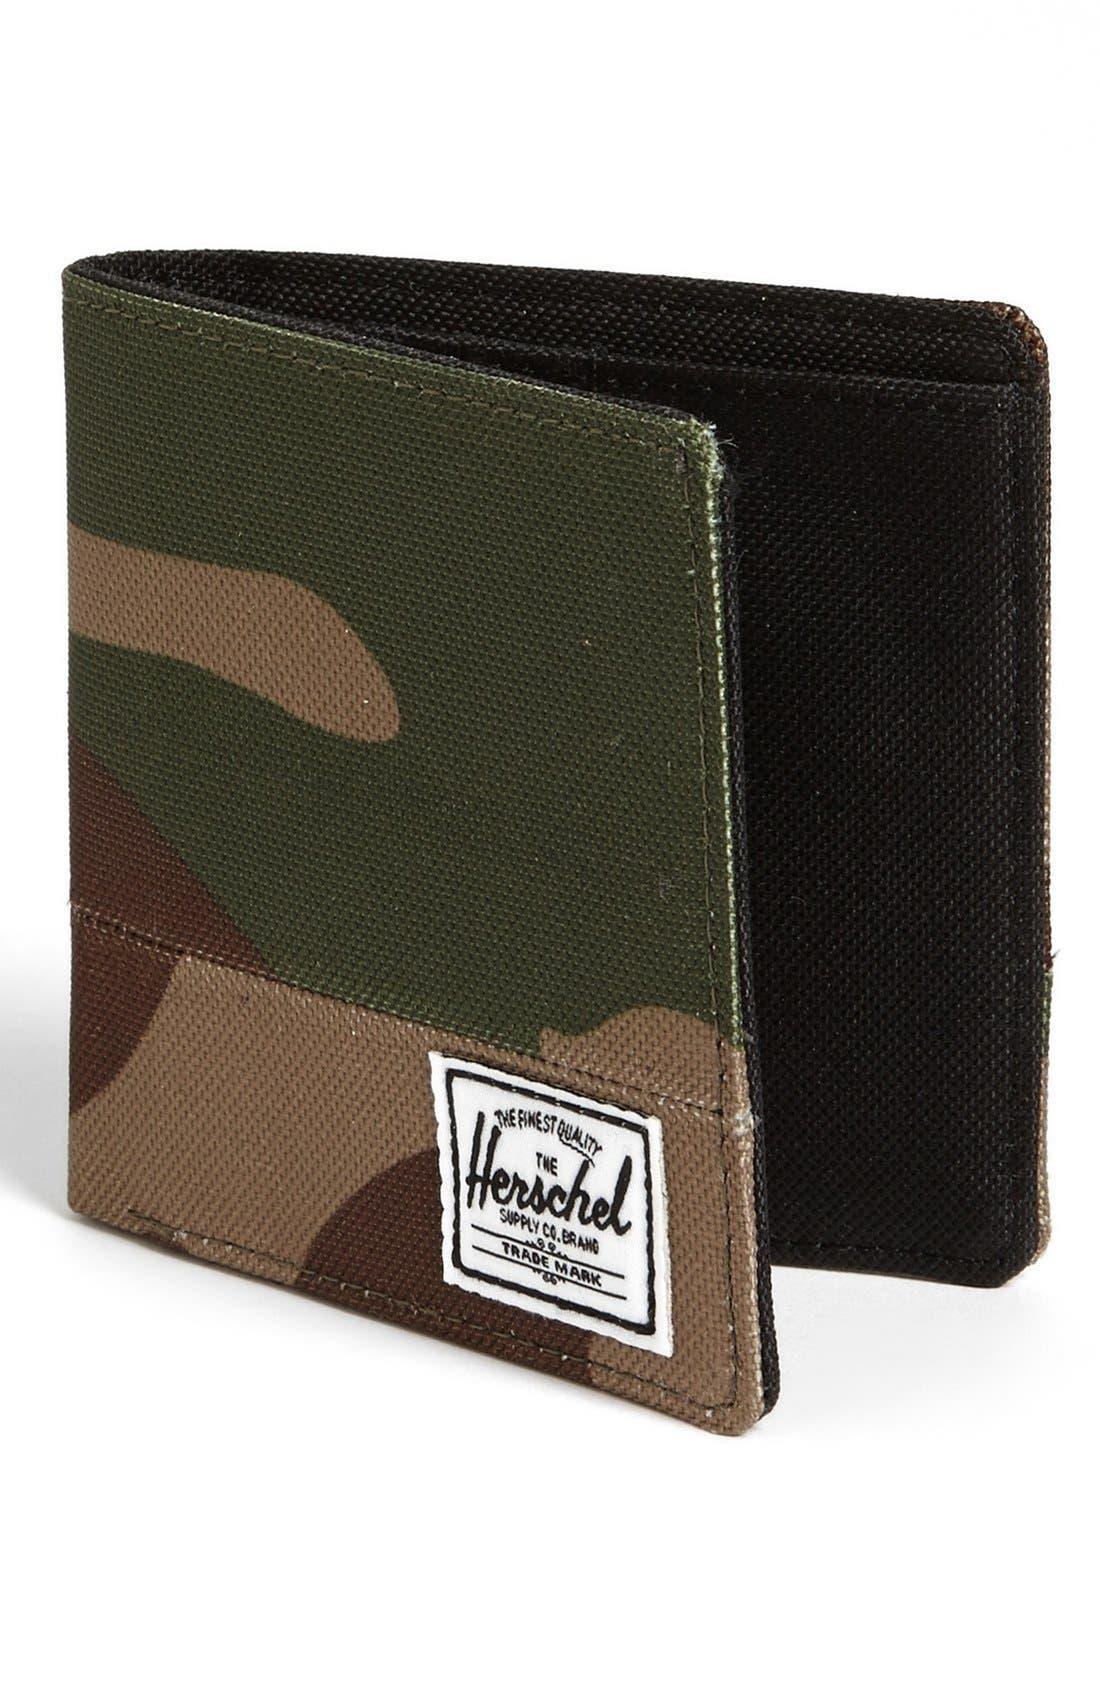 Alternate Image 1 Selected - Herschel Supply Co. 'Stanley' Wallet